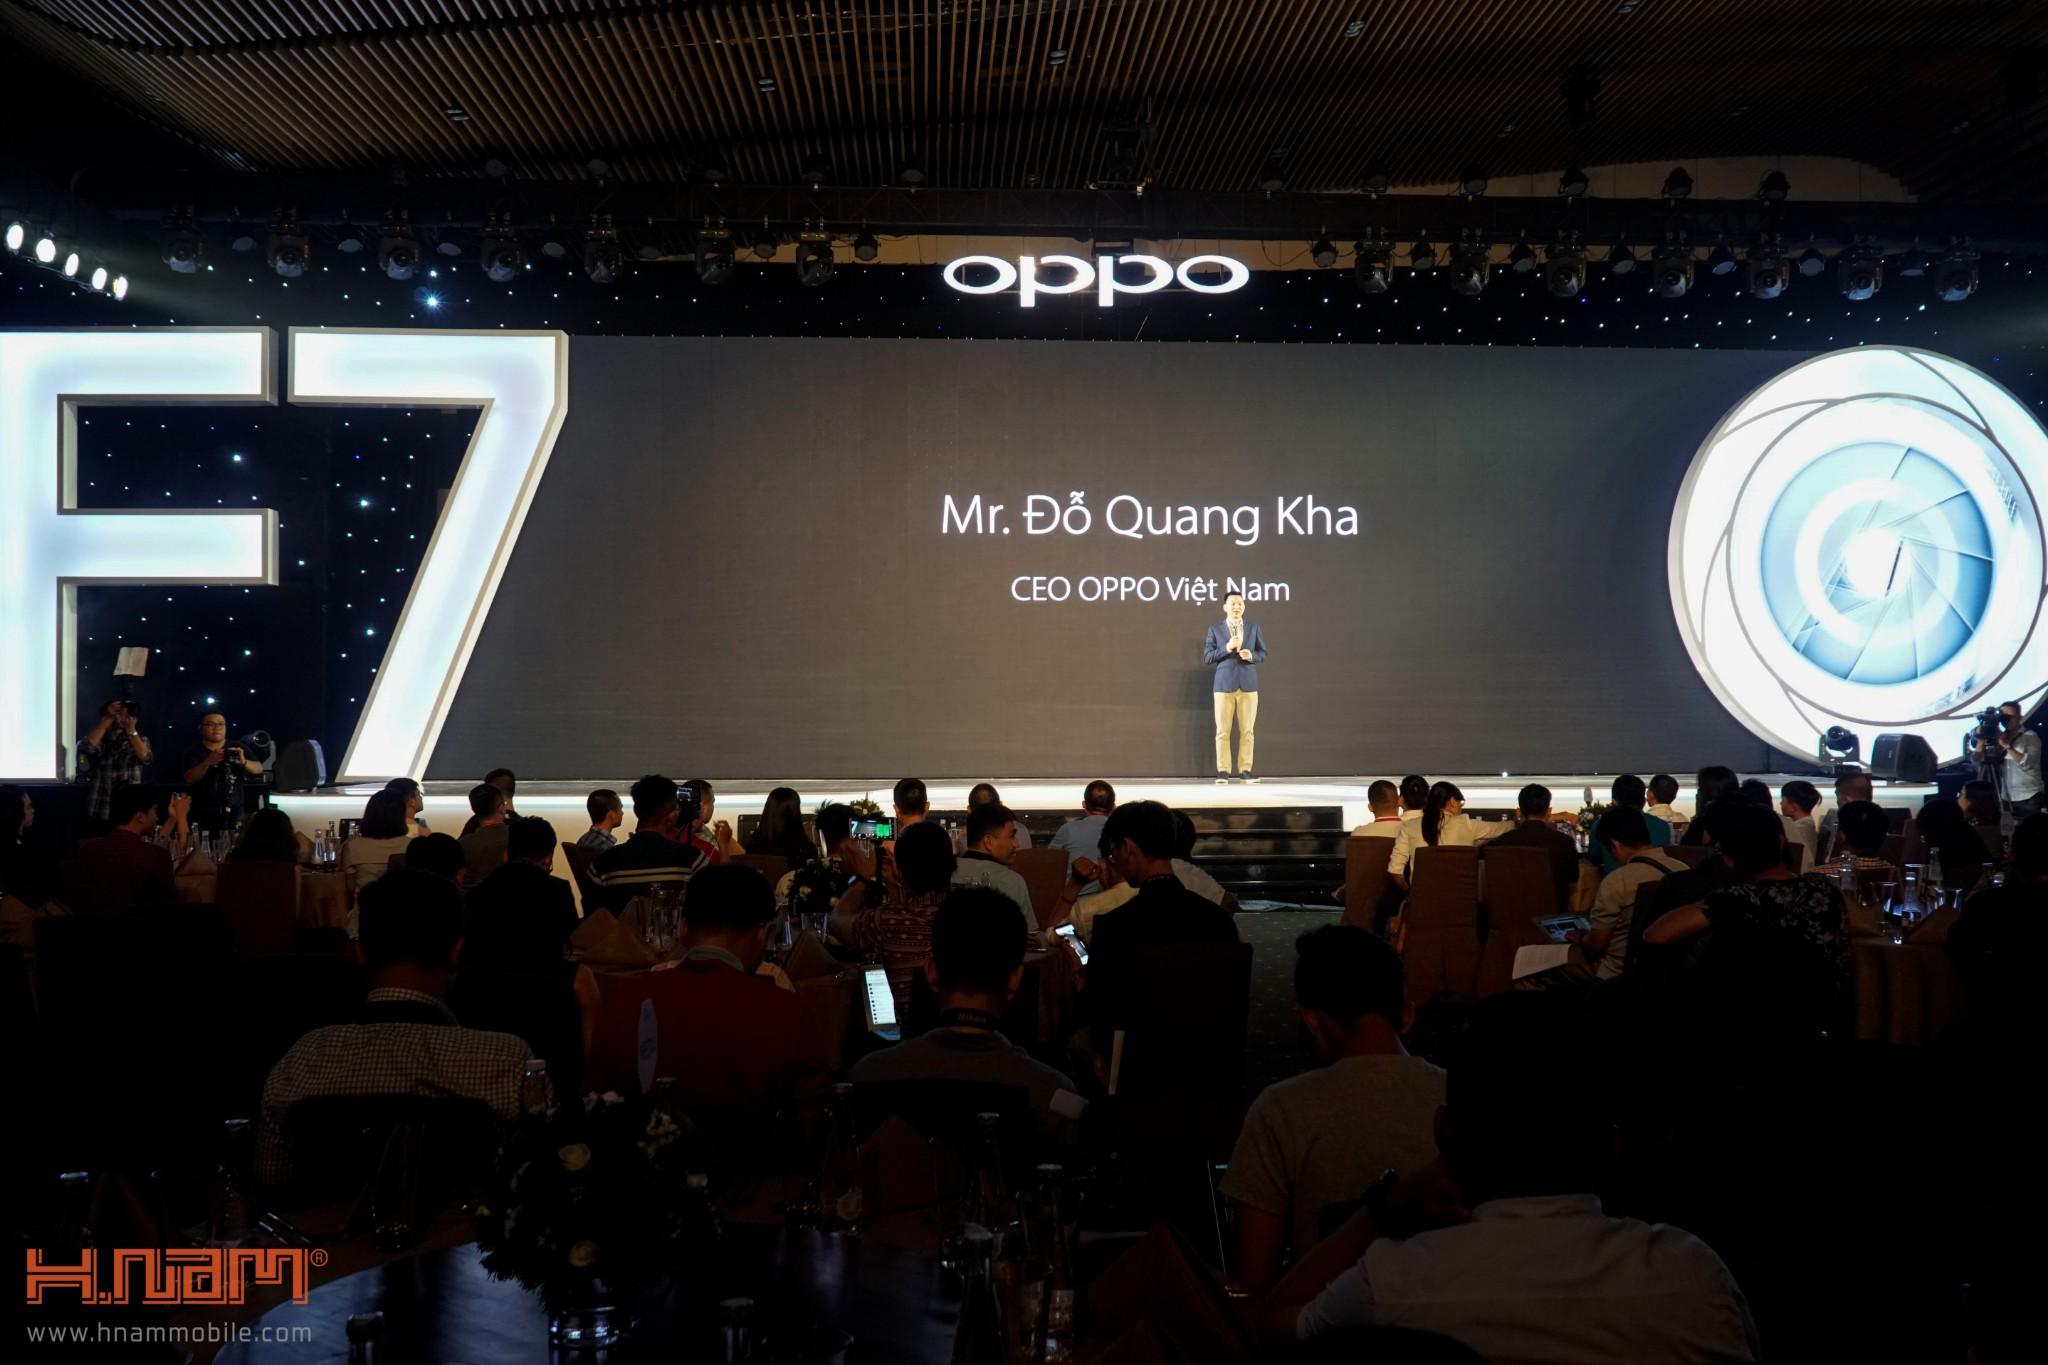 Oppo chính thức ra mắt Oppo F7 tai Việt Nam với giá bán cực kỳ hấp dẫn hình 3